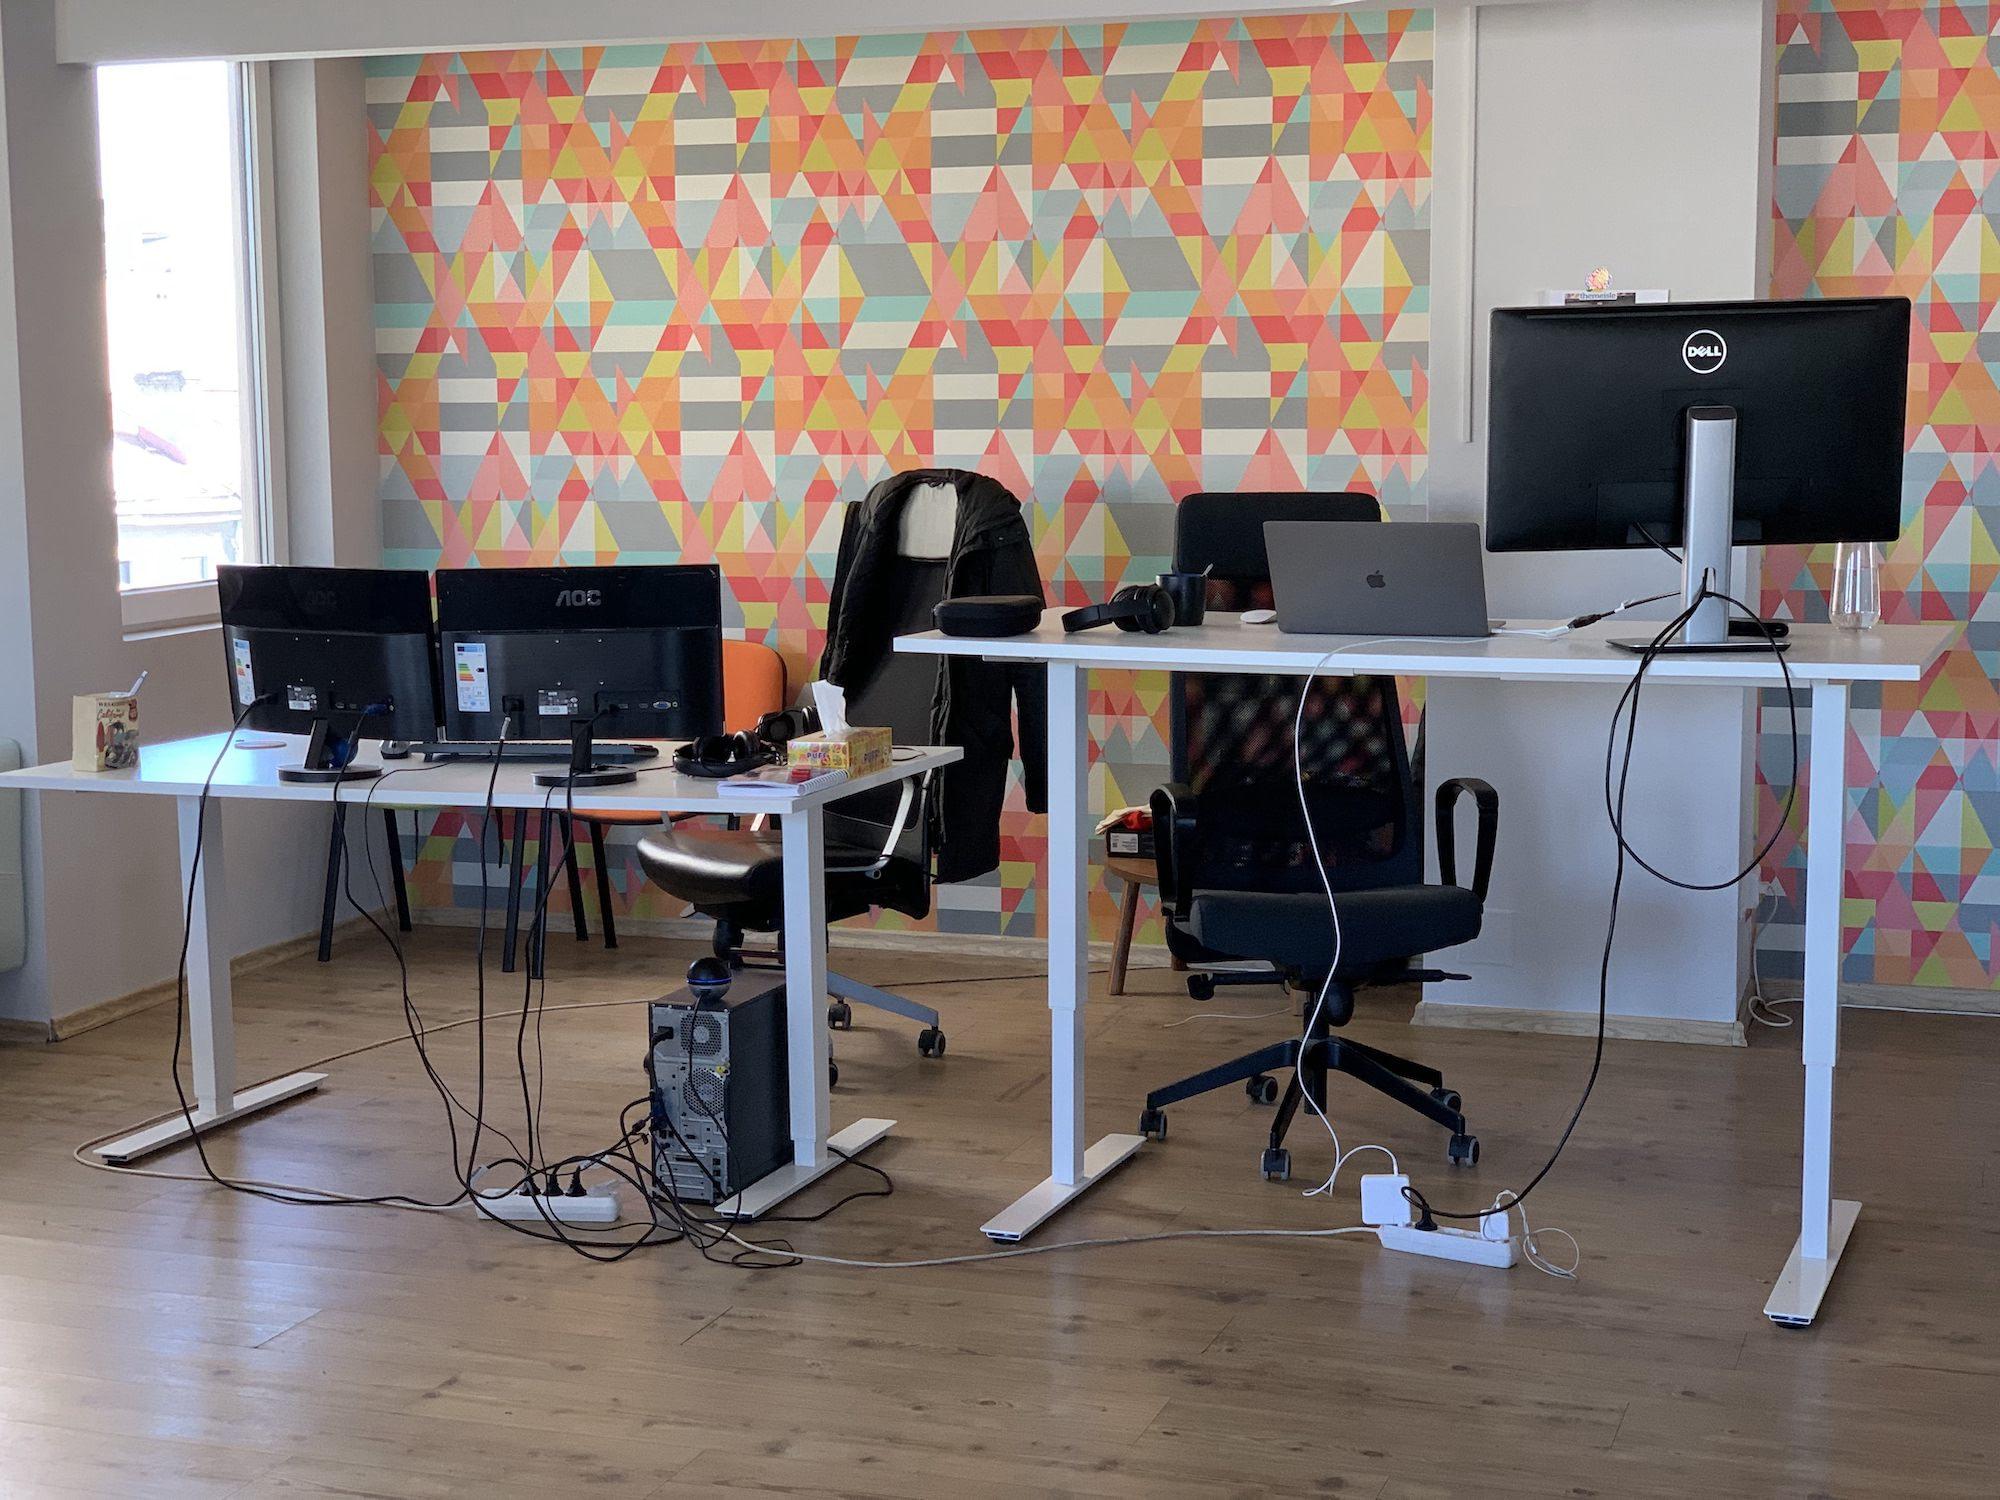 standing desks 2